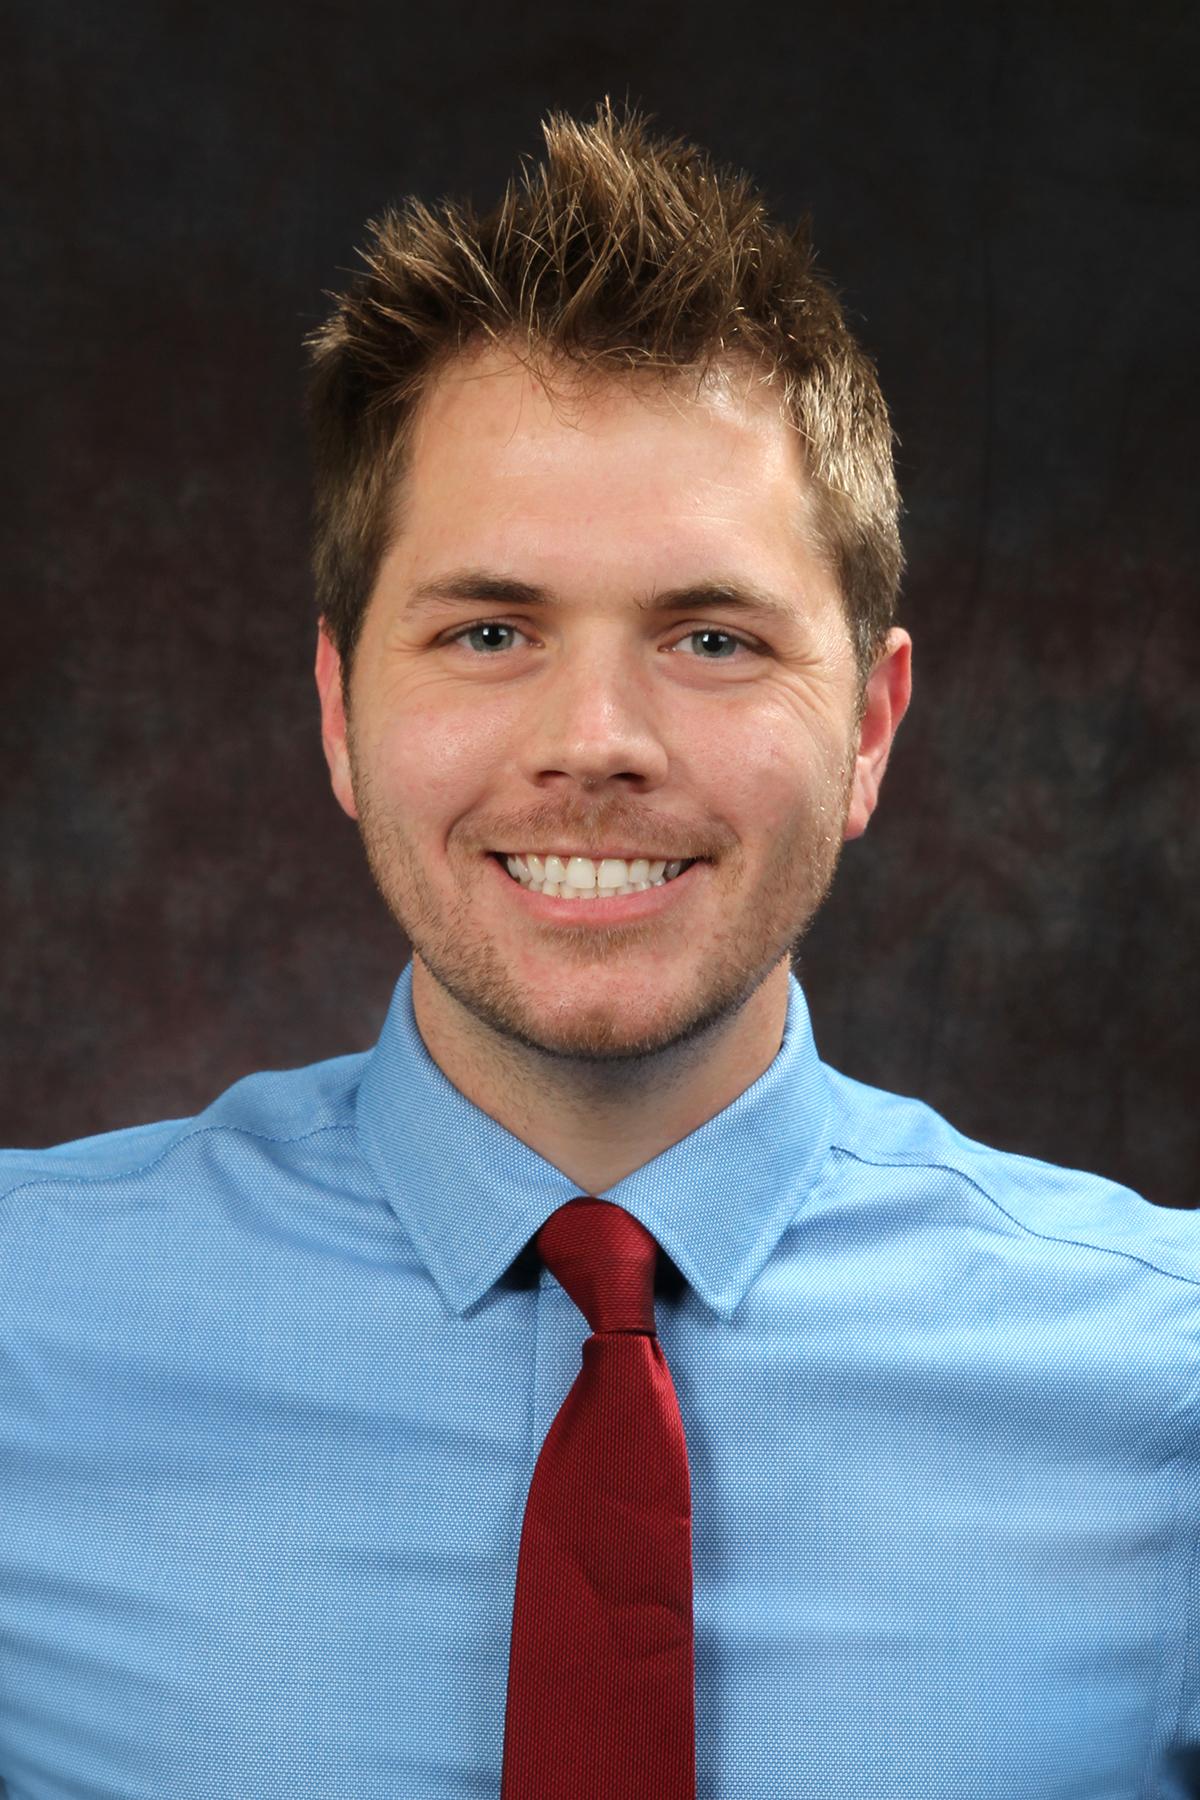 Dustin Christensen-Grant